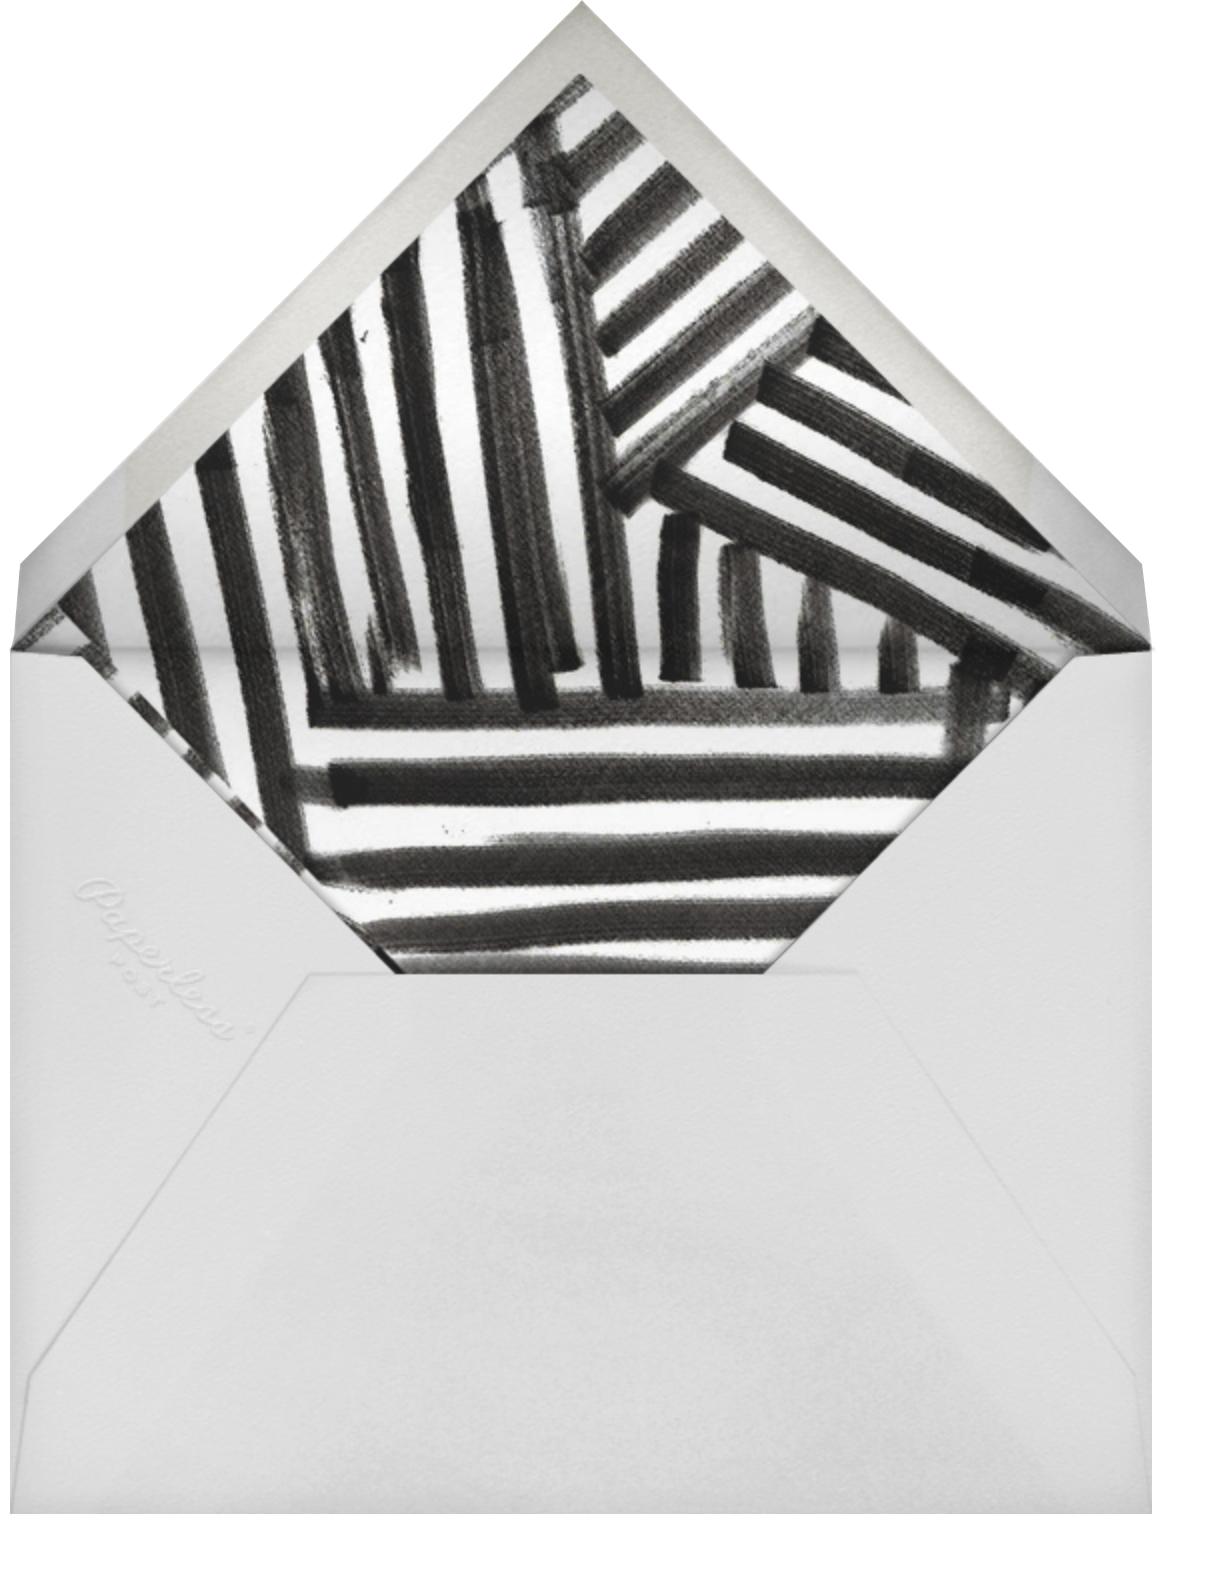 Sonnet - Multicolored - Kelly Wearstler - Charity and fundraiser  - envelope back